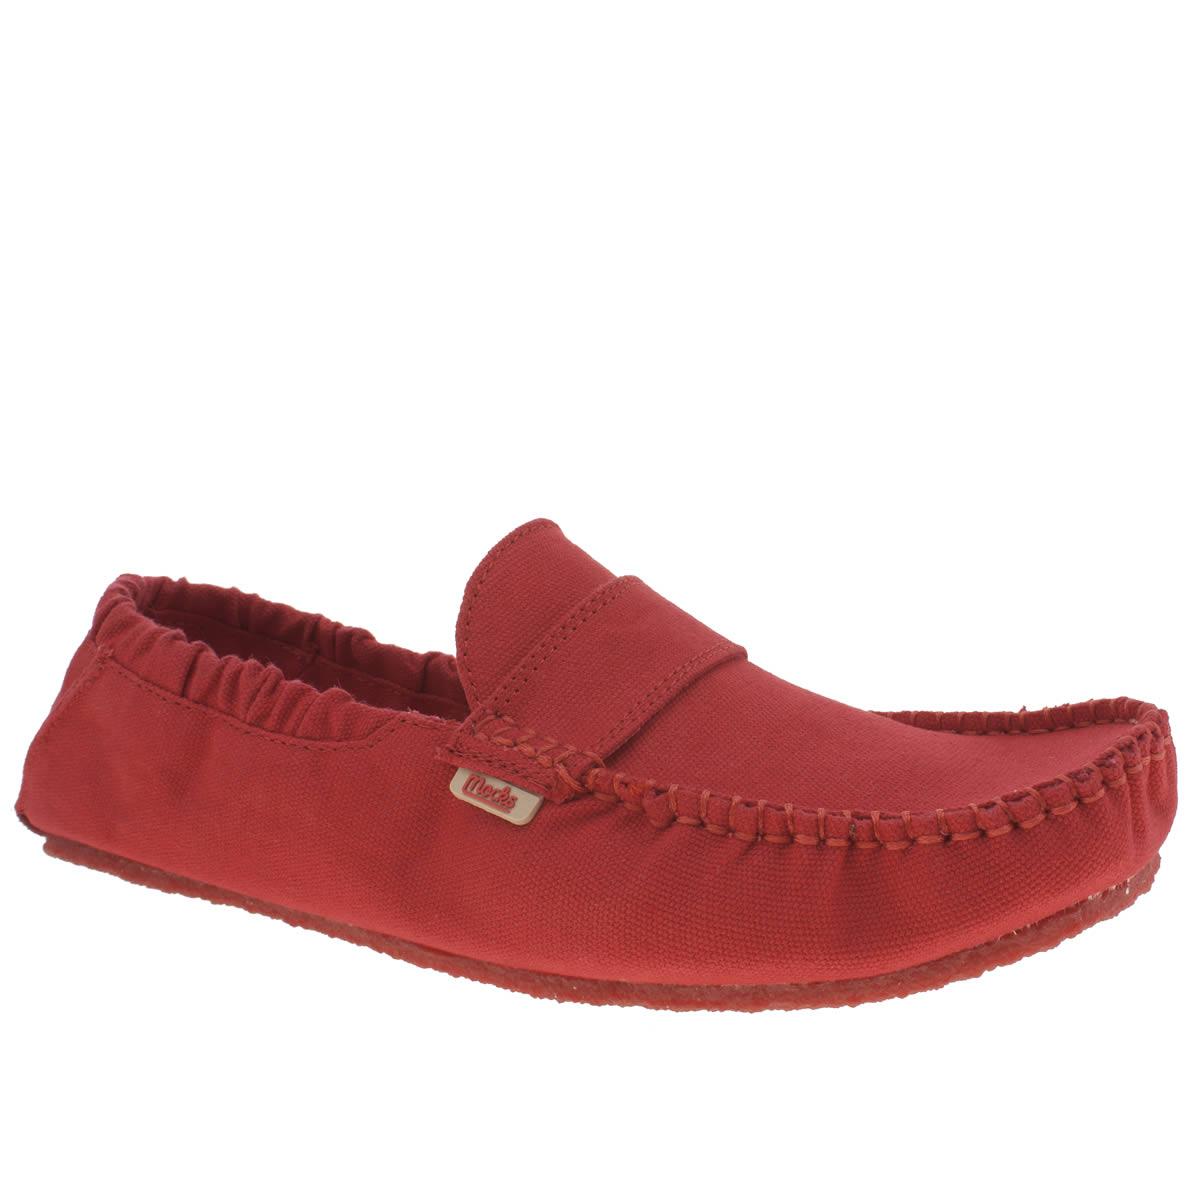 Mocks Mocks Red Saddle Shoes